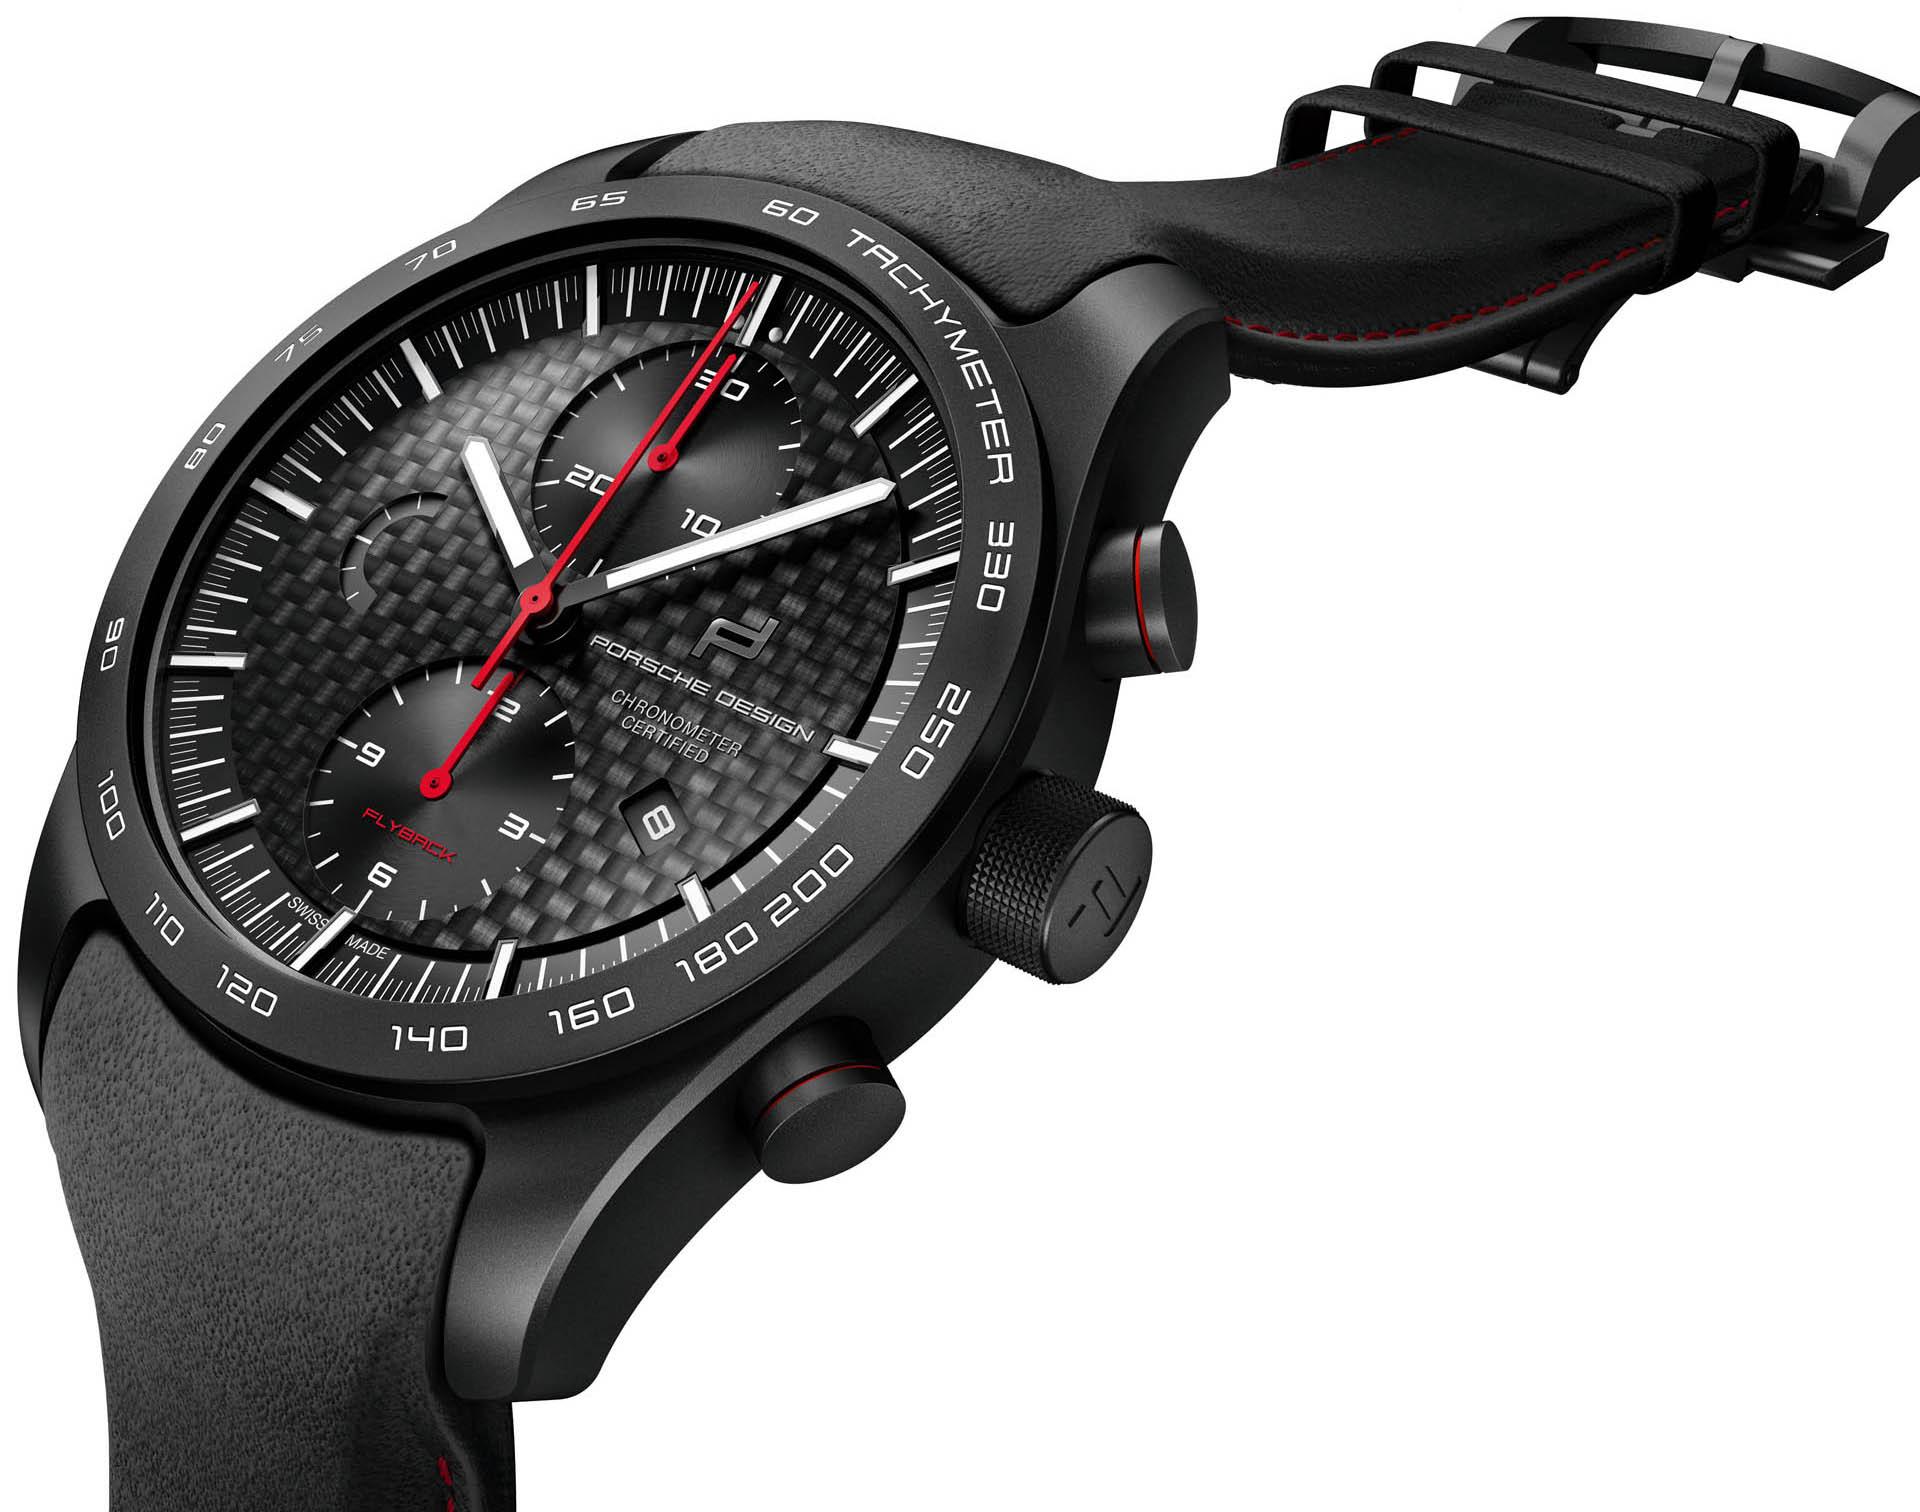 new product 85b40 b9248 ポルシェデザインが新作腕時計発売。今回はレースカー